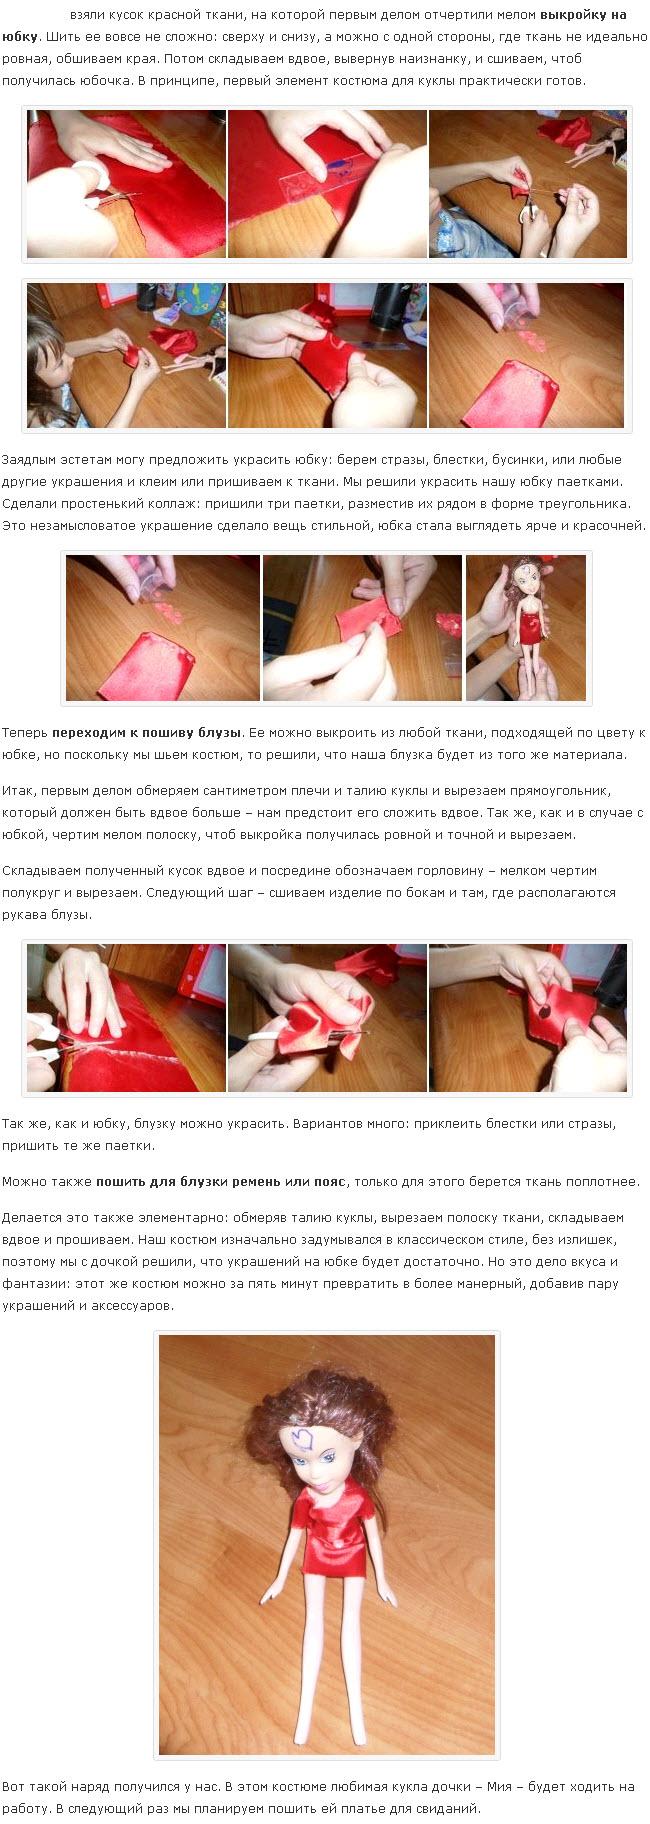 Как сделать одежду для кукол своими руками видео из носка